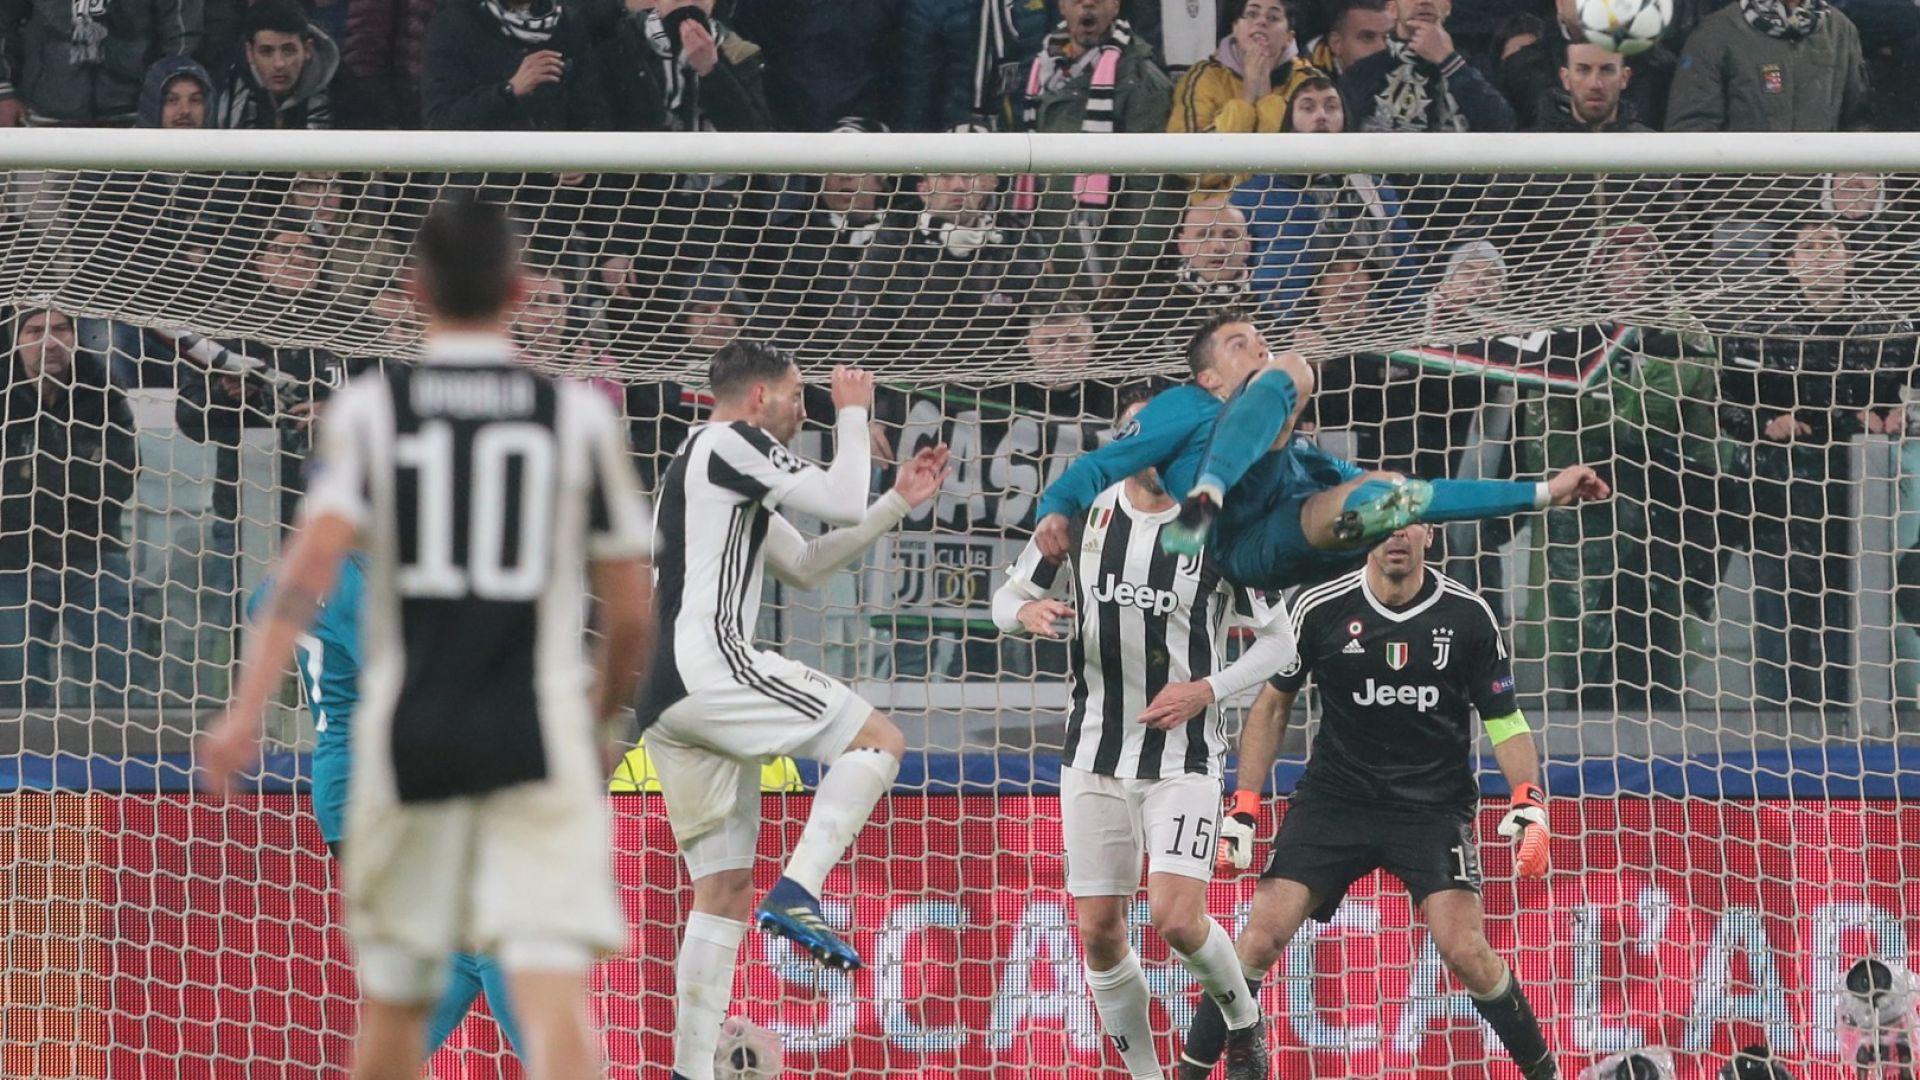 Ножицата на Роналдо е гол №1 на УЕФА